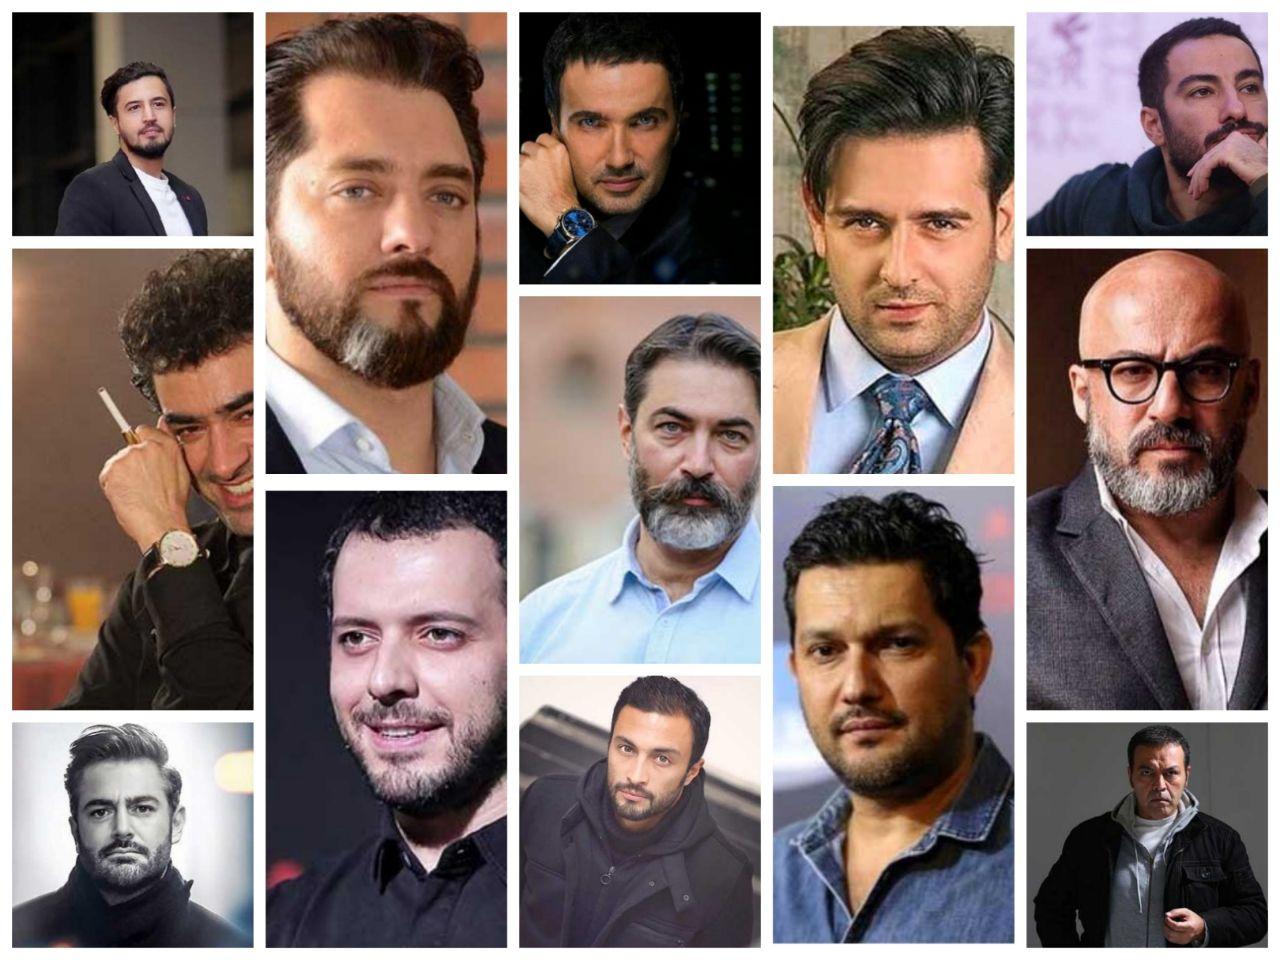 دخترکُشترین بازیگران ایرانی؛ شهاب، پارسا و رفقا|خبر فوری